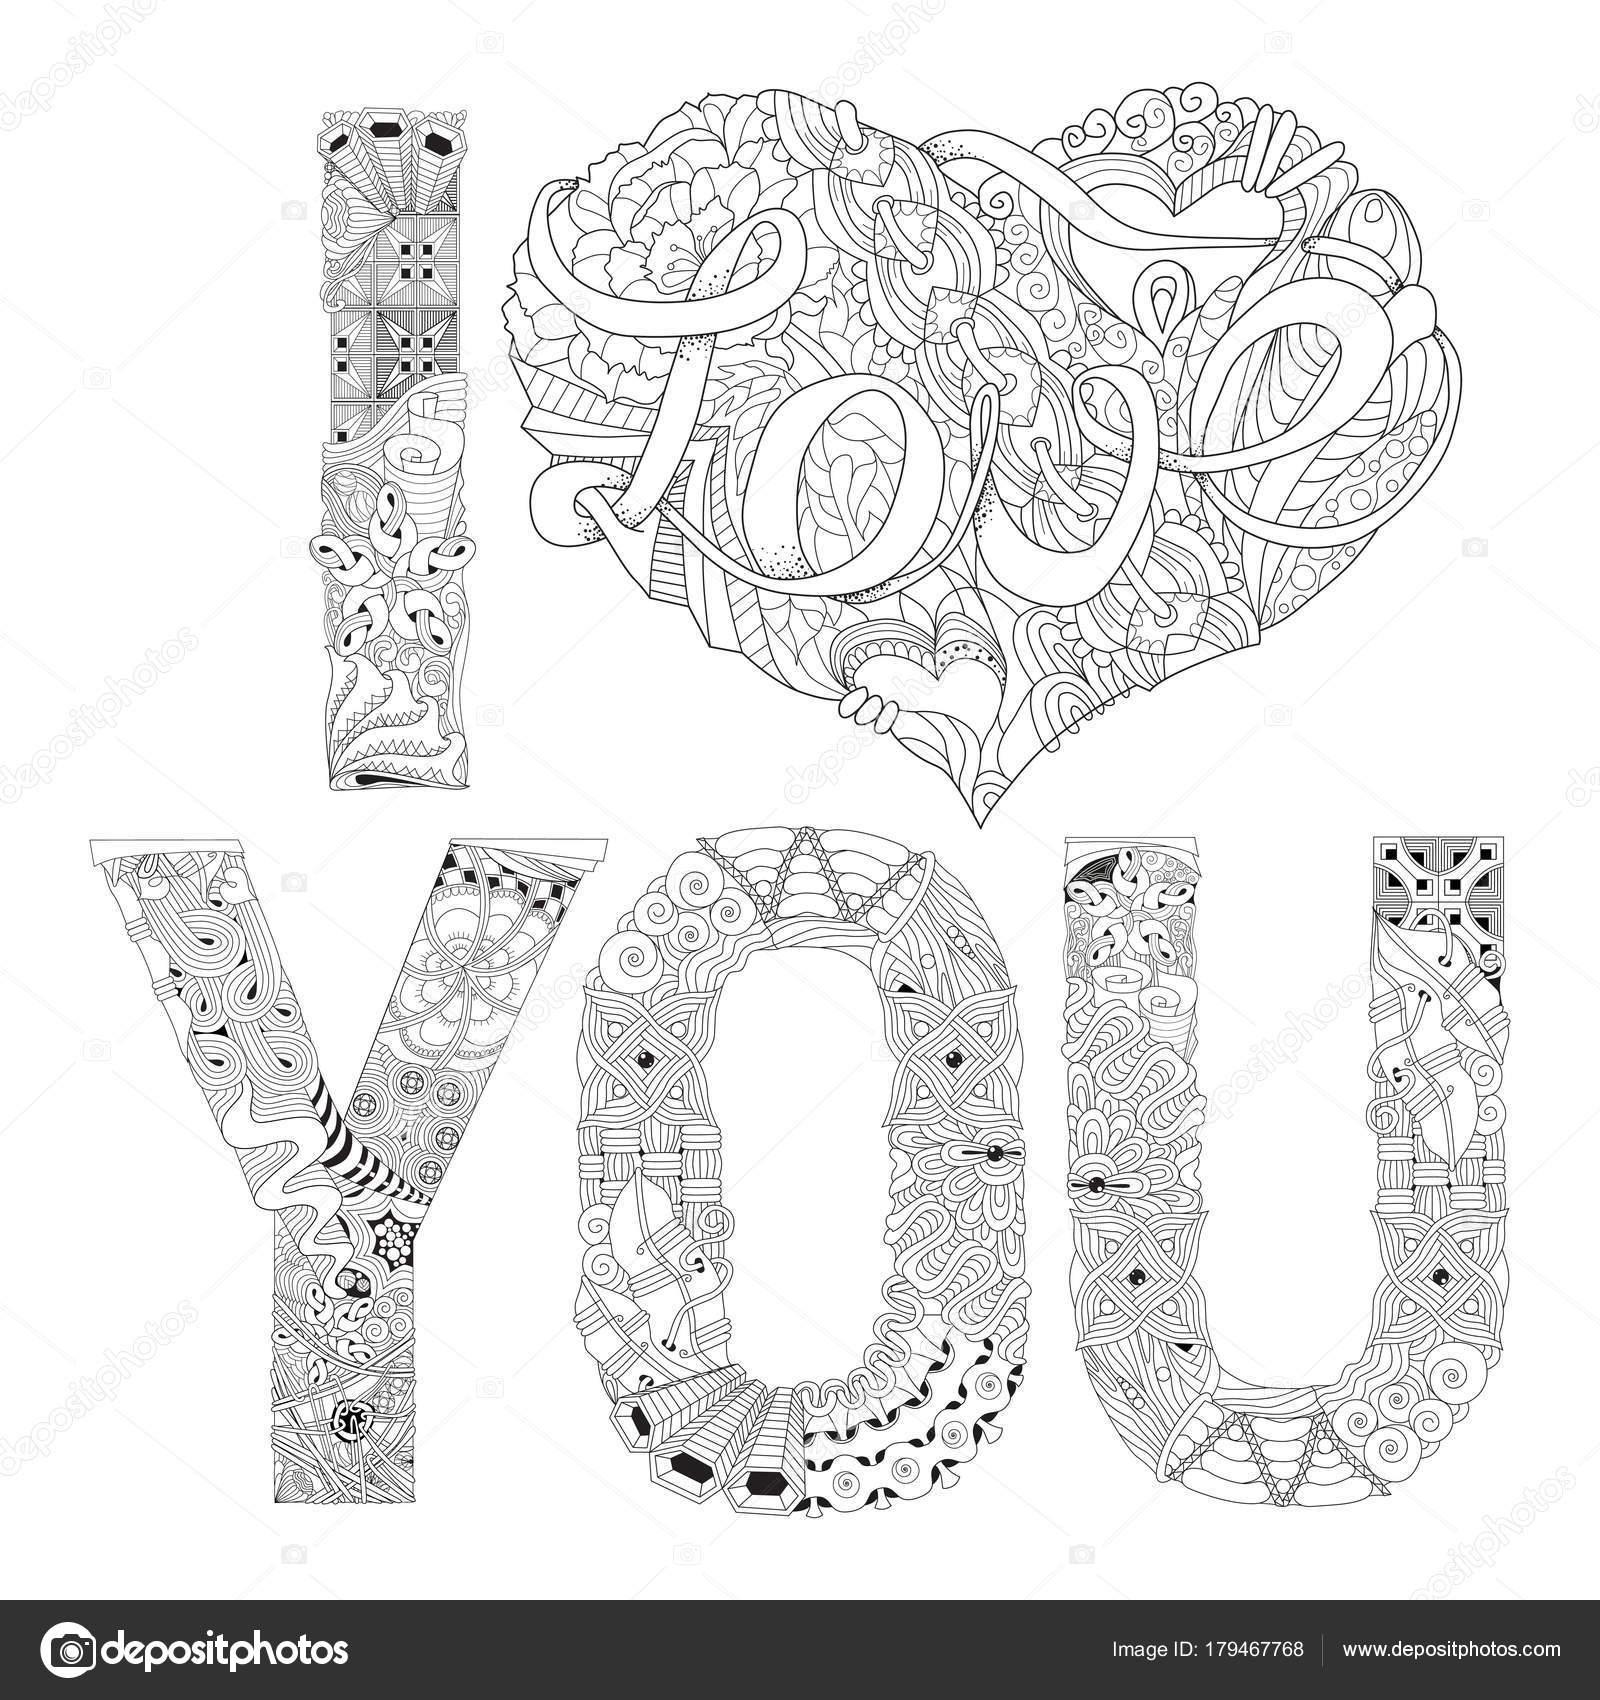 Kleurplaten Van Love You.Word Ik Hou Van Jou Om In Te Kleuren Decoratieve Zentangle